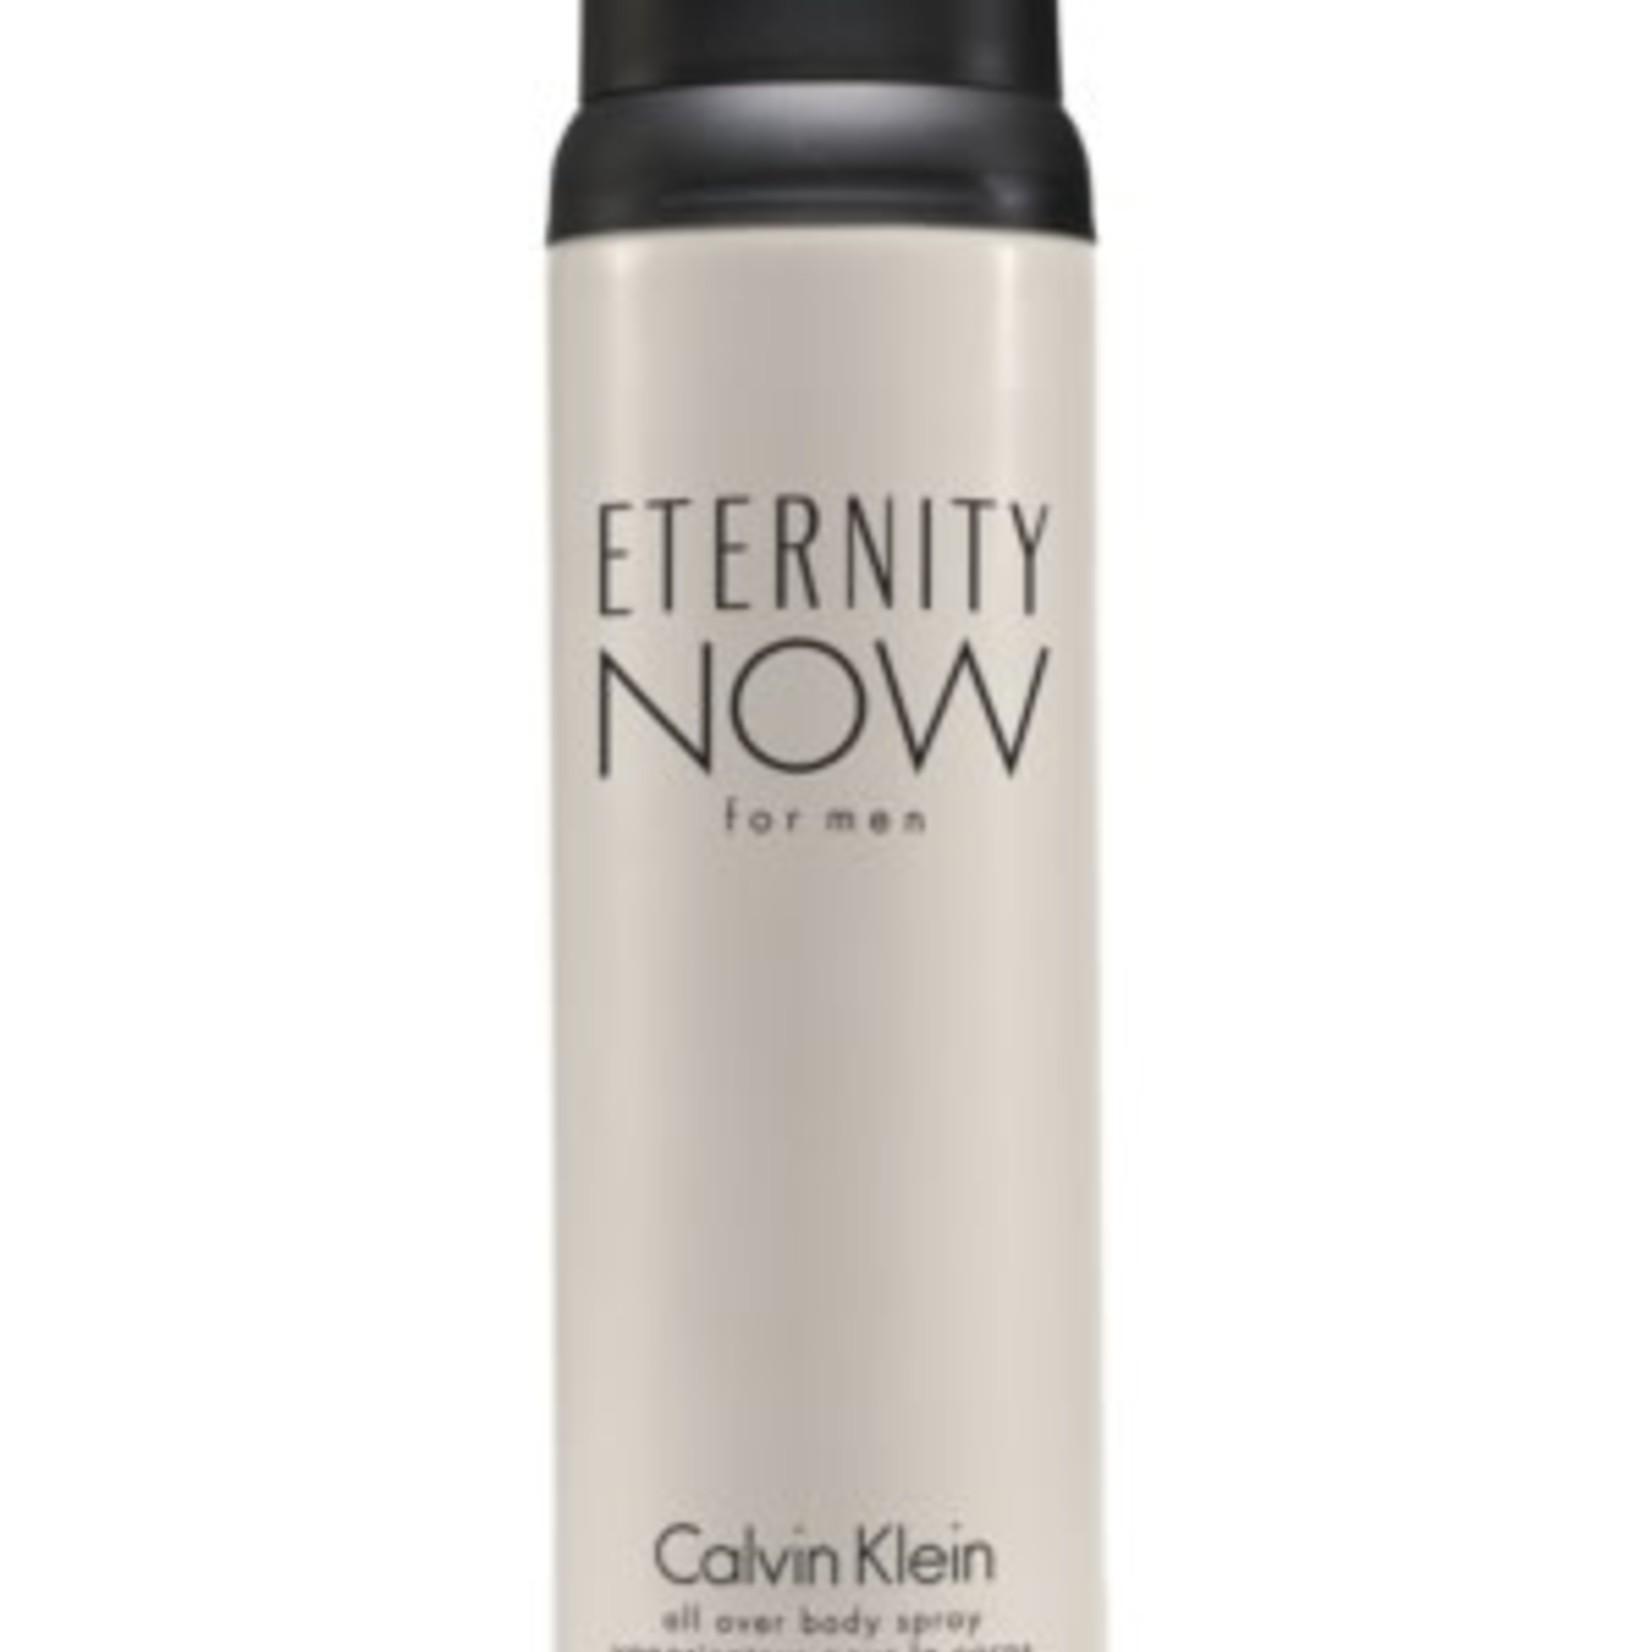 Calvin Klein CK Eternity Now All Over Body Spray for Men 5.4oz